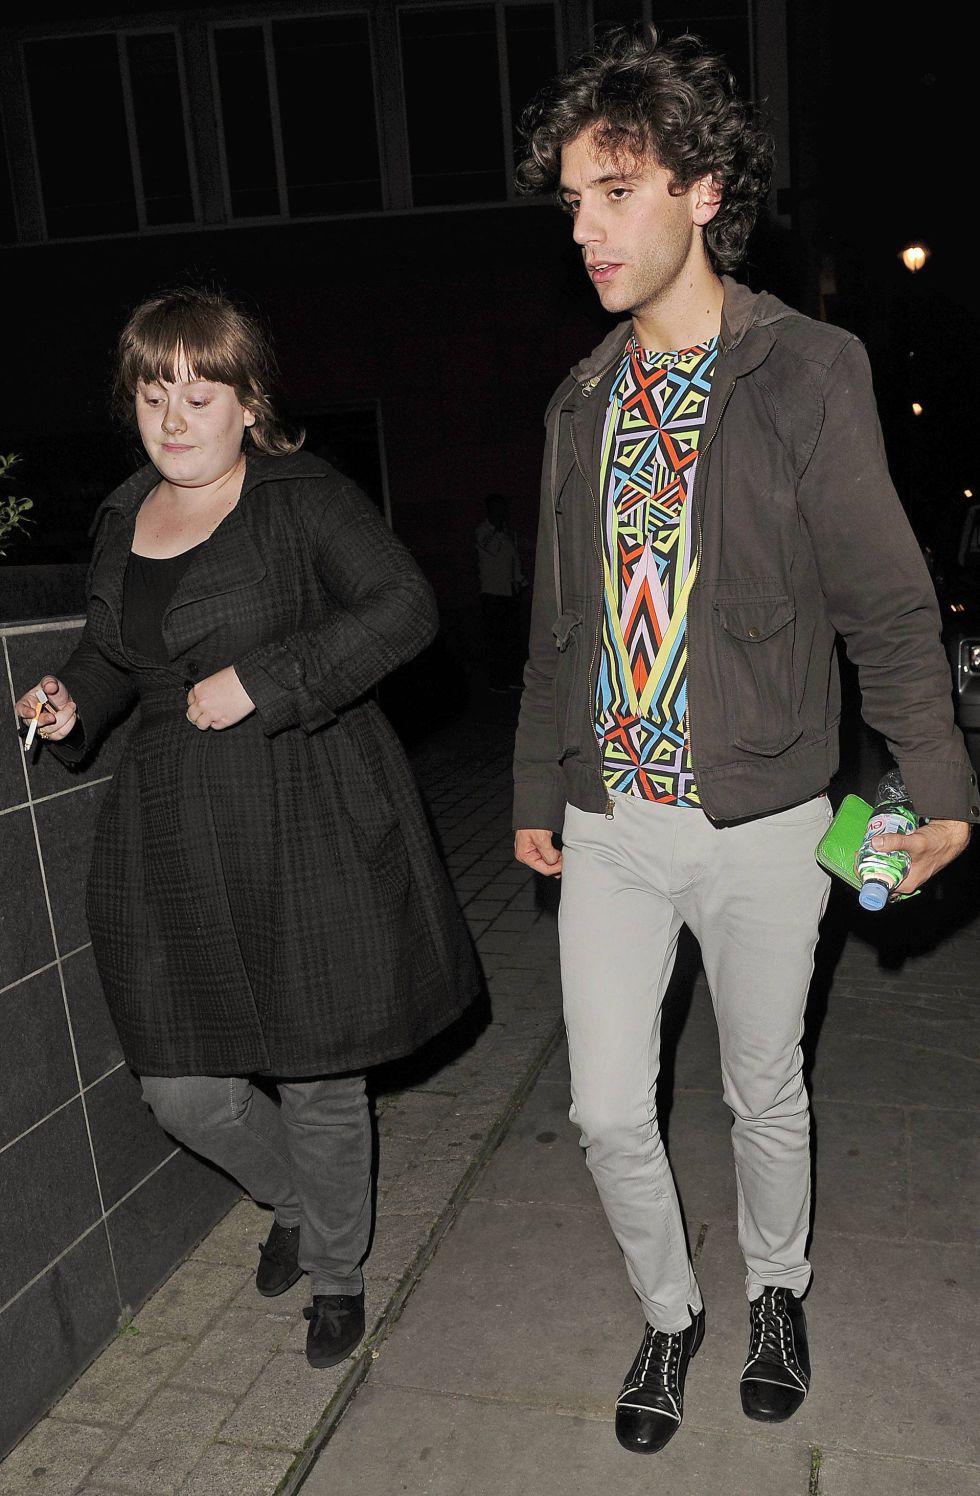 Tras su éxito, Adele comienza a rodearse de amigos famosos del gremio, como Mika. Aquí se ve a ambos entrando en un club nocturno en Londres. Adele ha dejado de fumar como parte de su dieta y en favor de su salud.